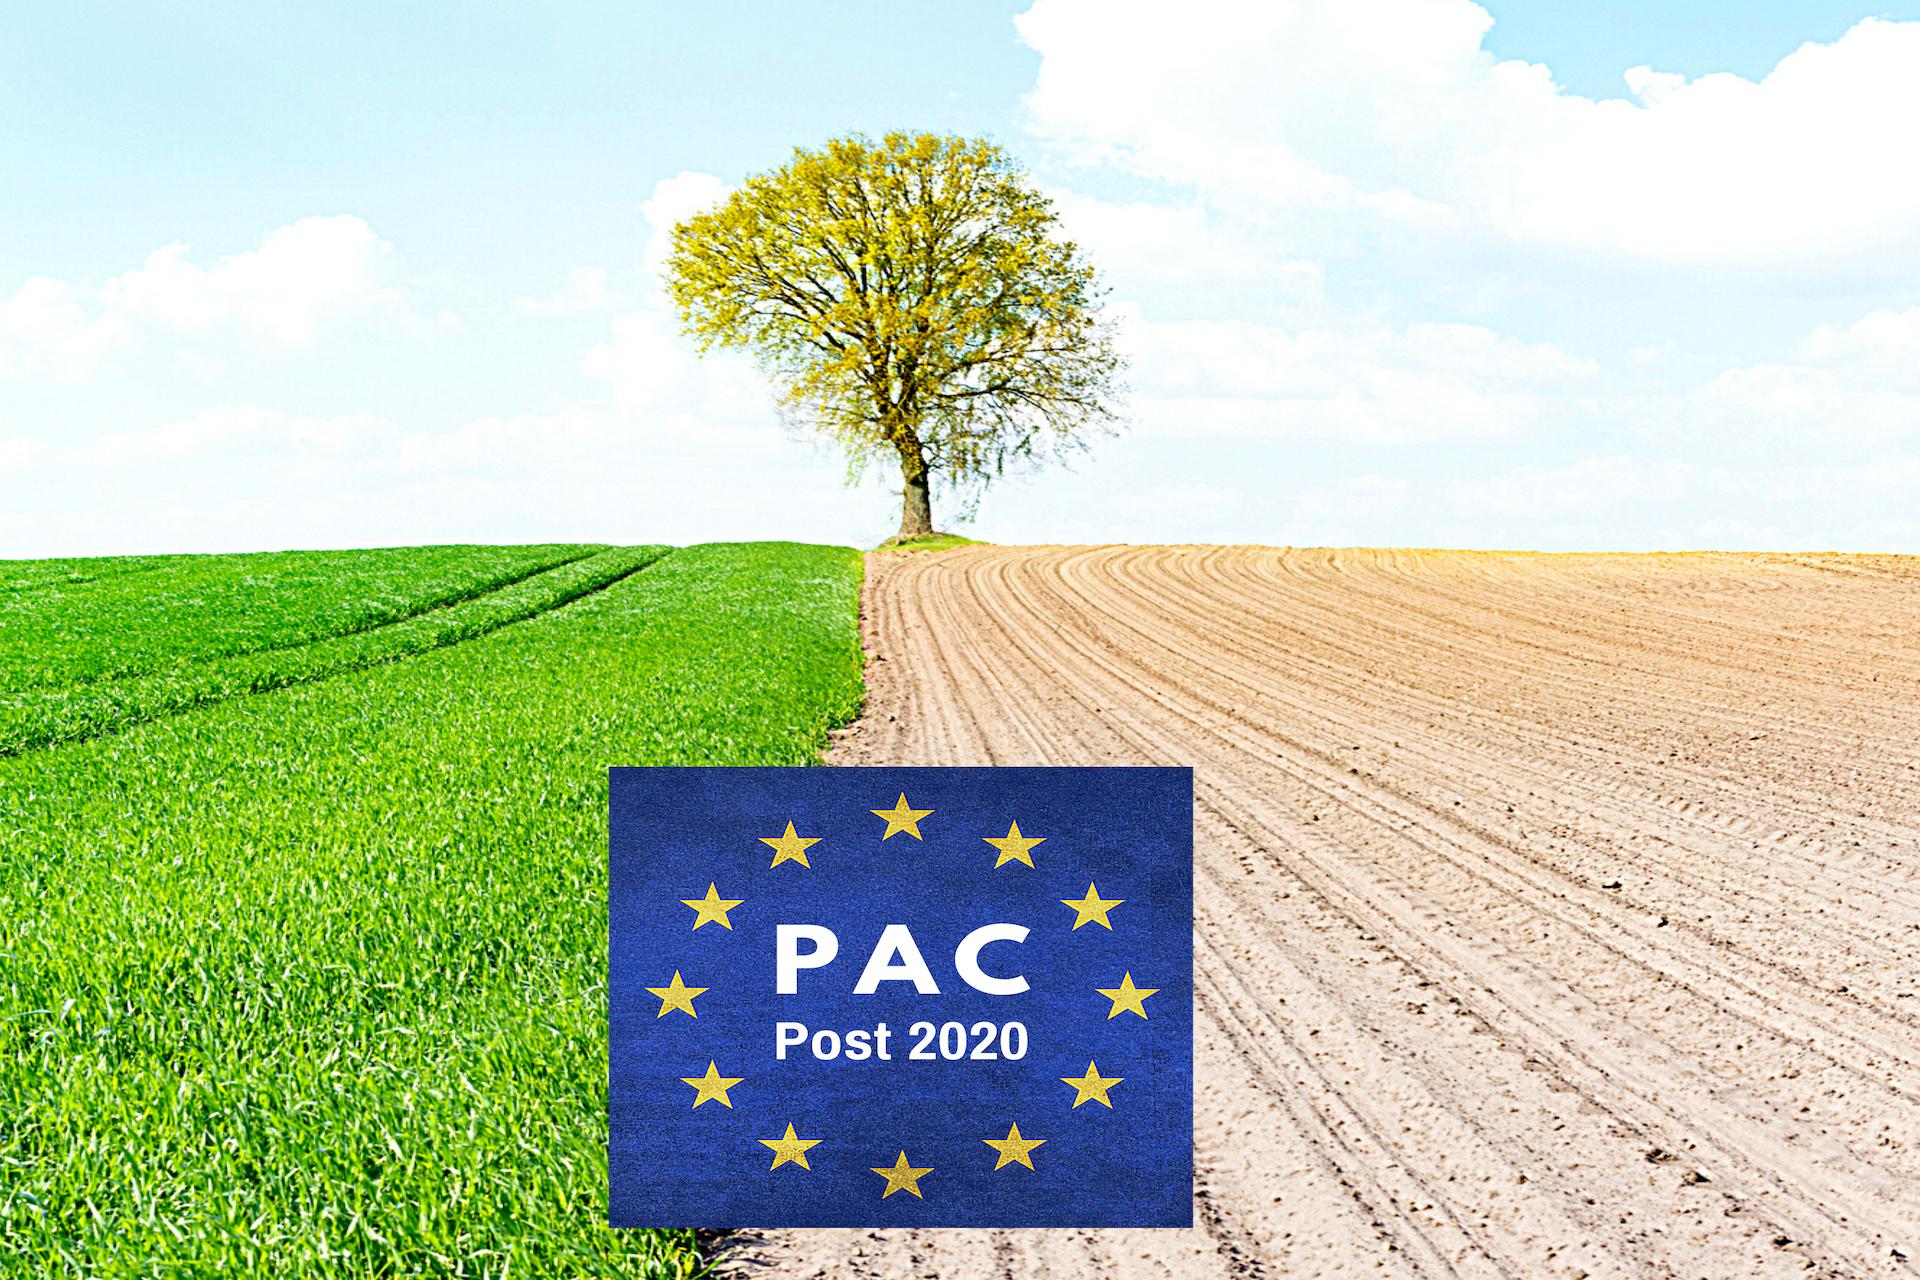 La Fase di transizione alla programmazione 2021/2027: regole vecchie con fondi nuovi. Prospettive e proposte per la Misura 19 Approccio Leader